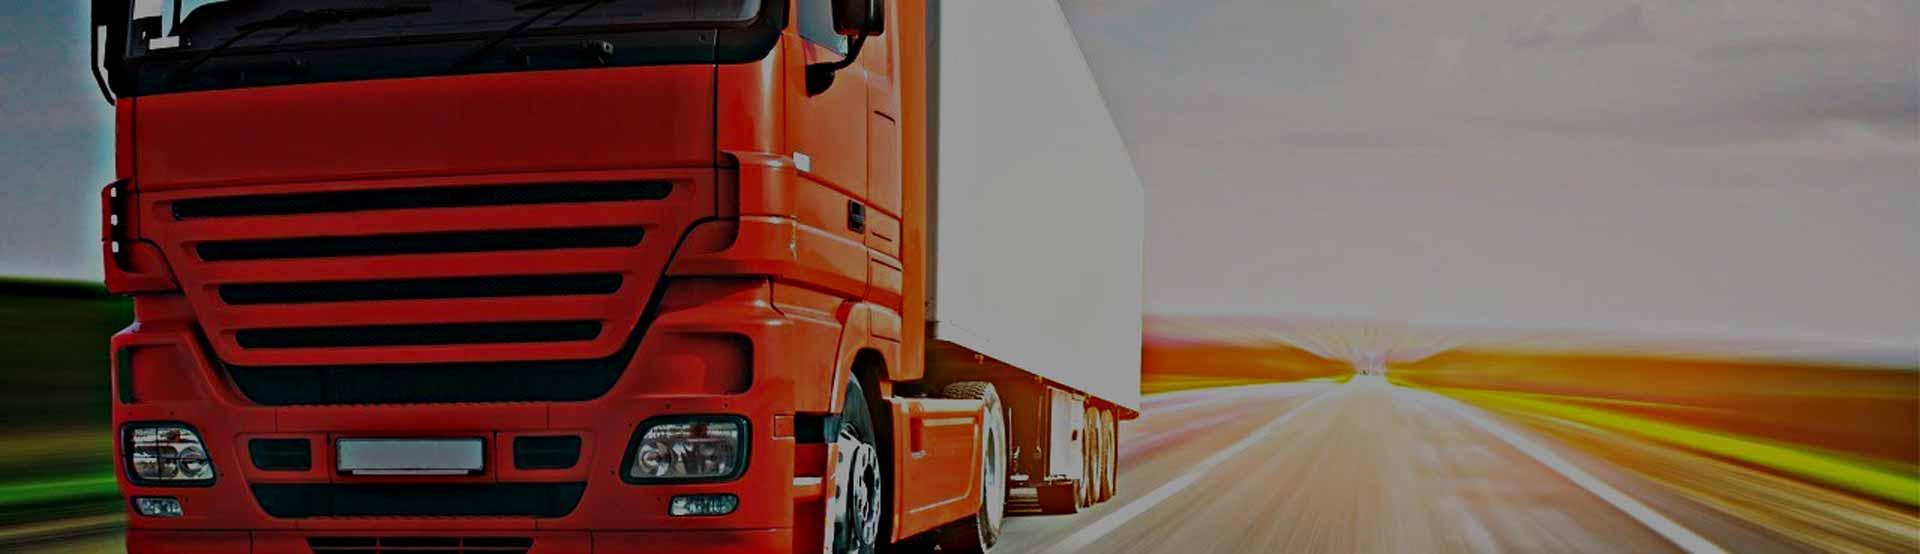 Doplňky pro nákladní vozy